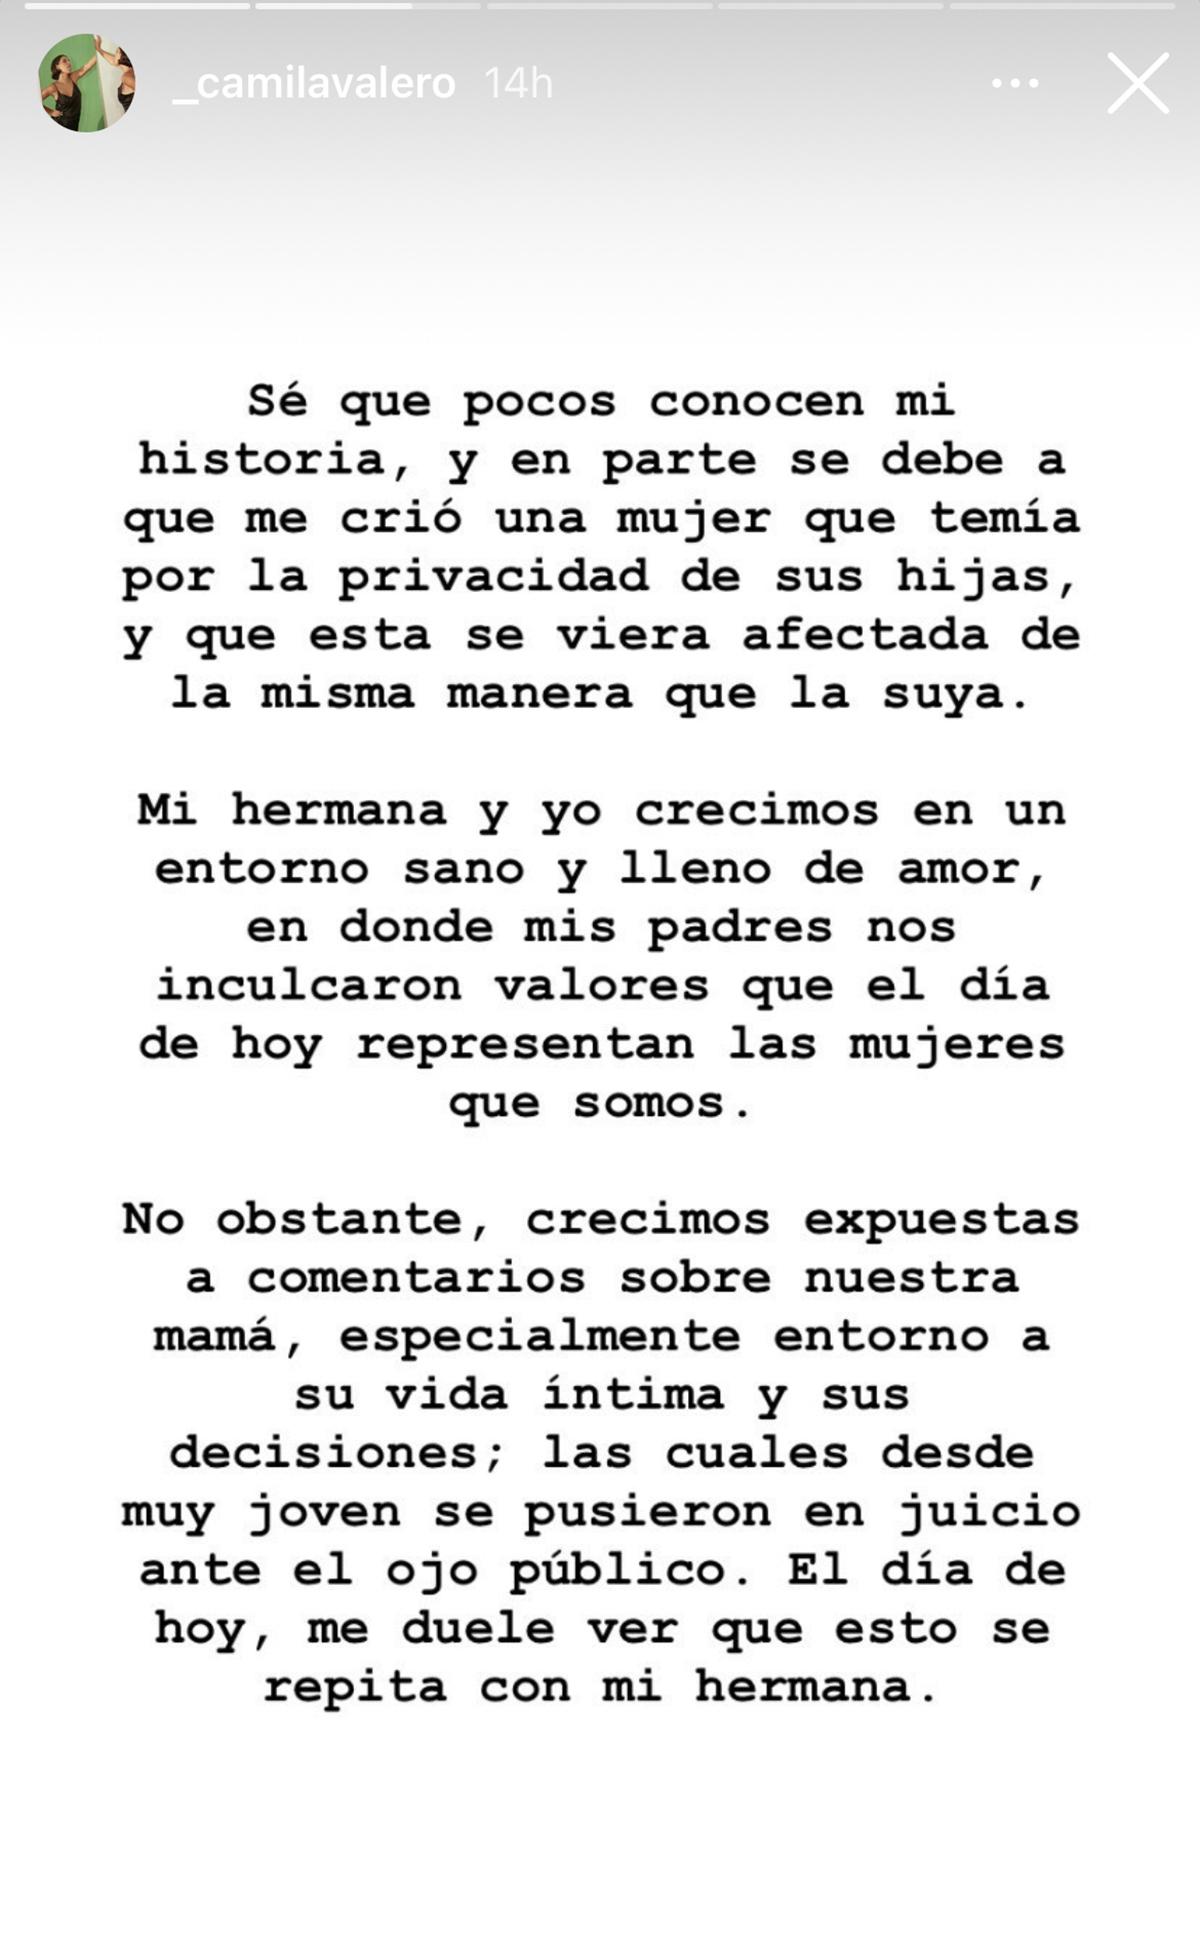 Carta de Camila defendiendo a su hermana Michelle Salas.